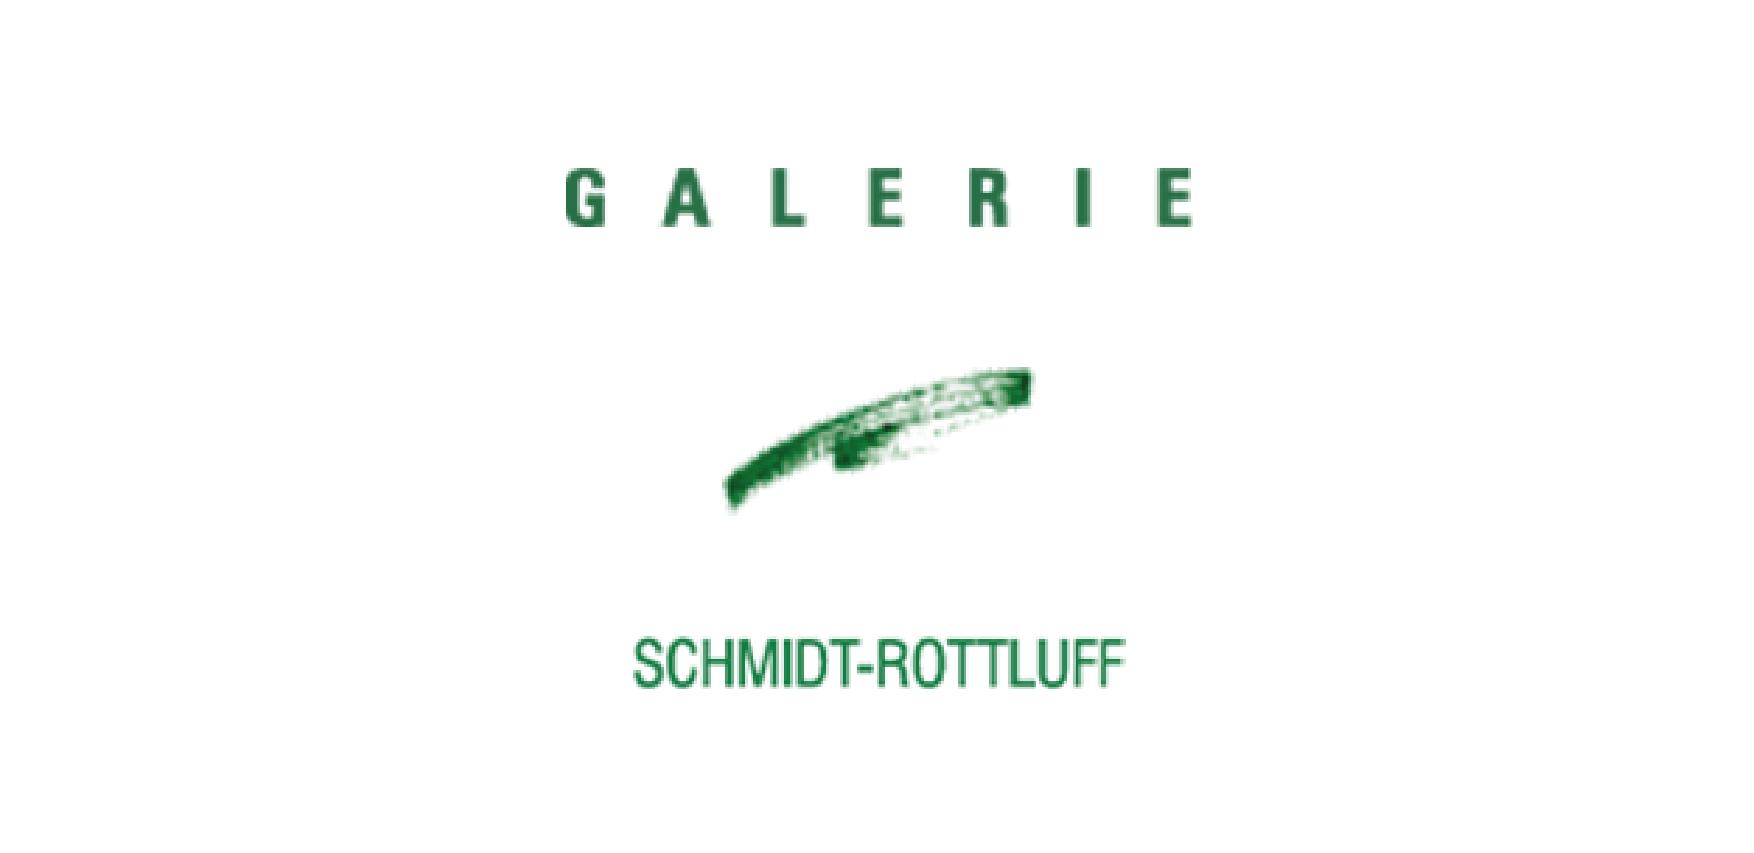 Galerie Schmidt Rottluff Chemnitz